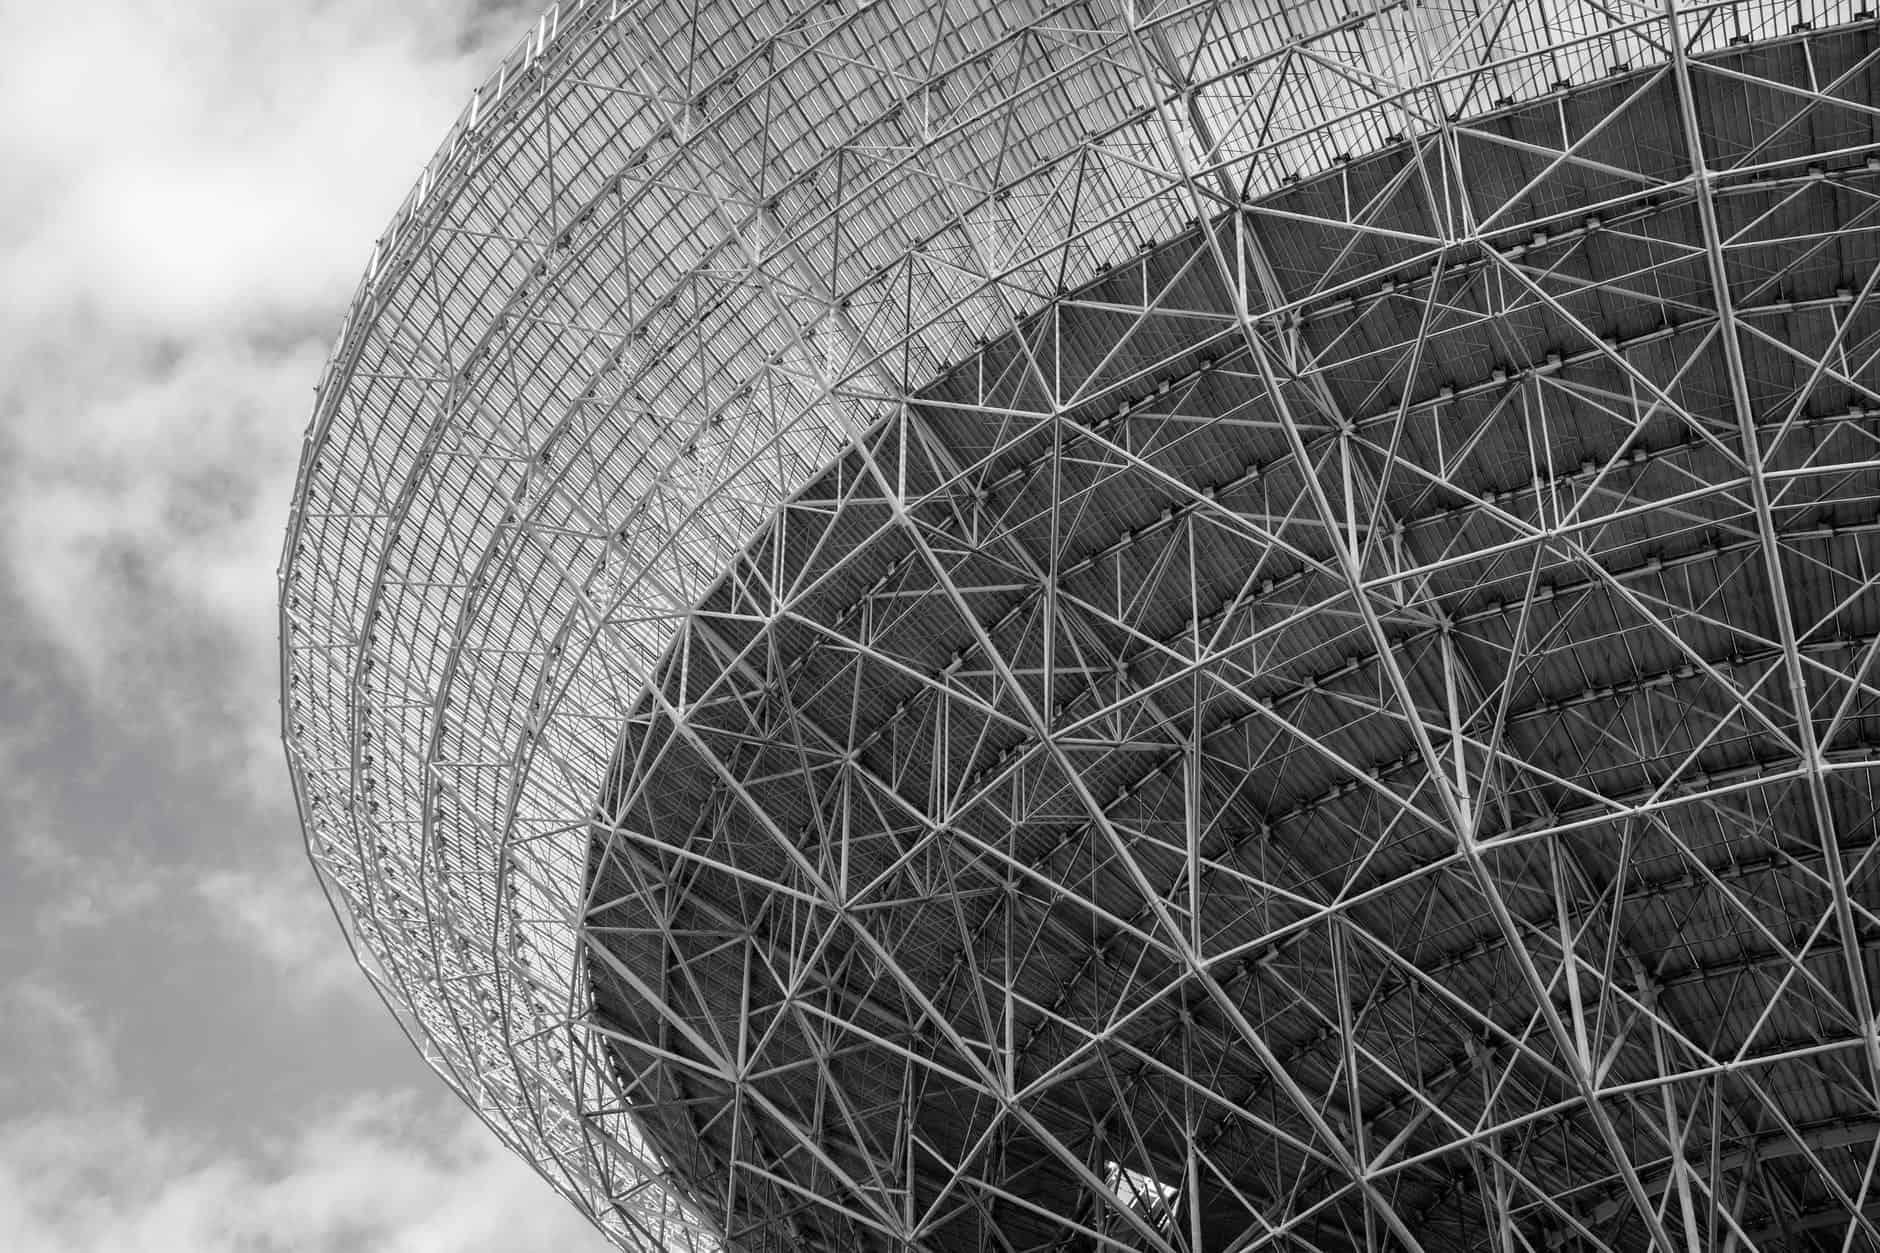 57 عاماً من الخدمة: انهيار أحد أكبر التلسكوبات الراديوية في العالم